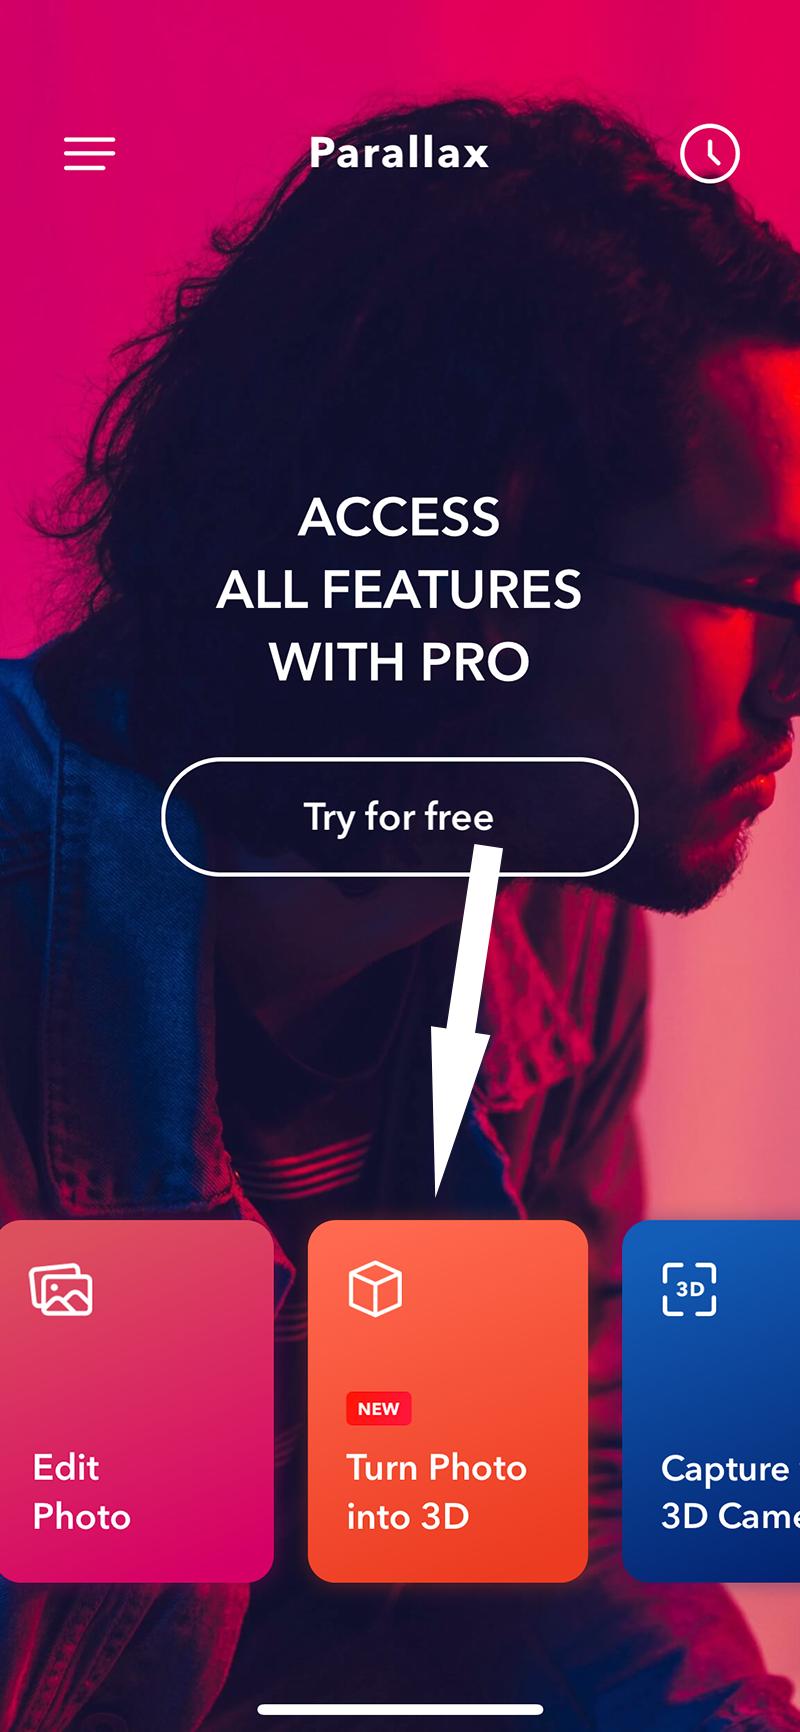 ại giao diện chính của ứng dụng, bạn chọn mục Turn Photo into 3D.